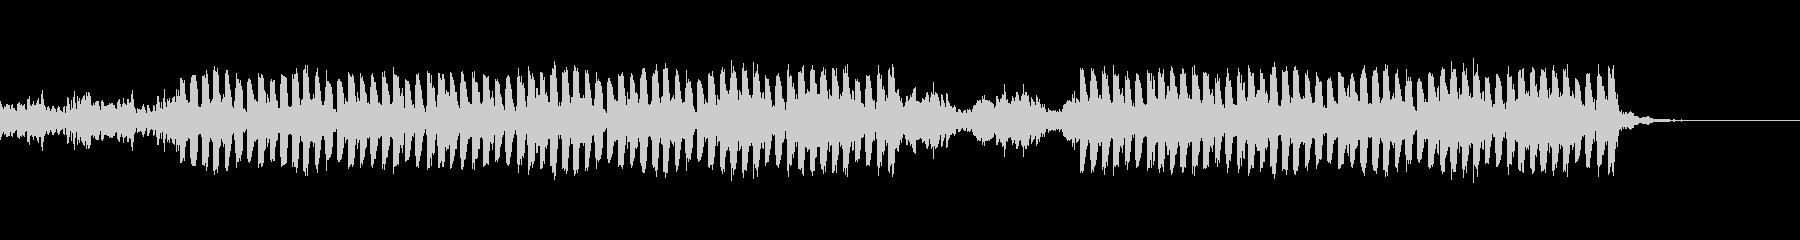 おしゃれ・モダン・EDM4の未再生の波形